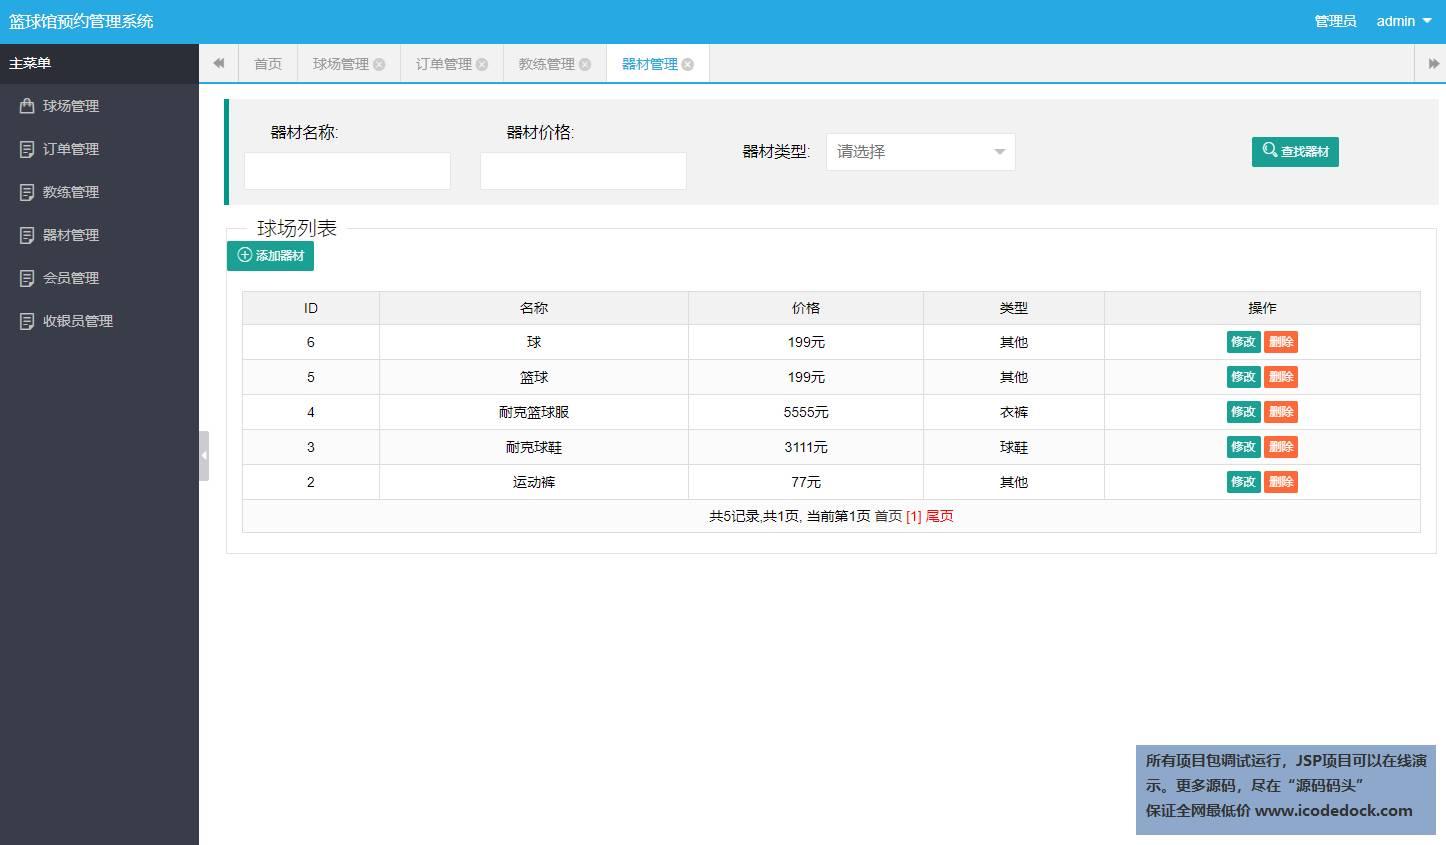 源码码头-SSH篮球馆场地管理系统-管理员角色-器材管理